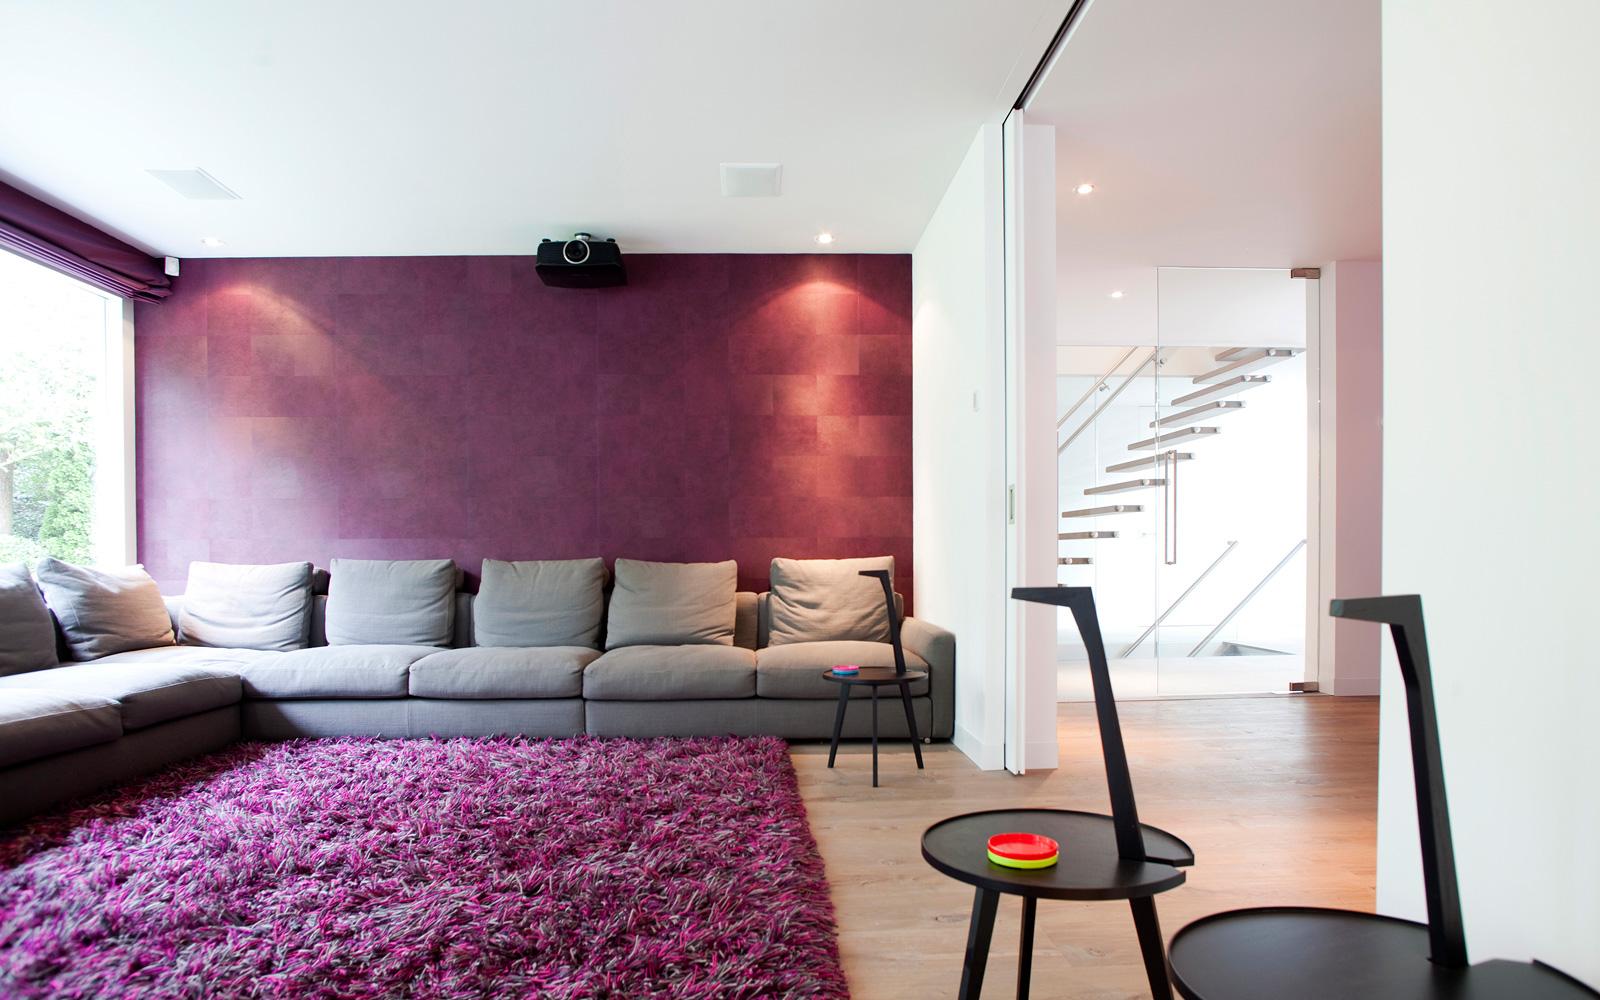 De luxe grijze bank staat mooi op de paarse wand en het vloerkleed.